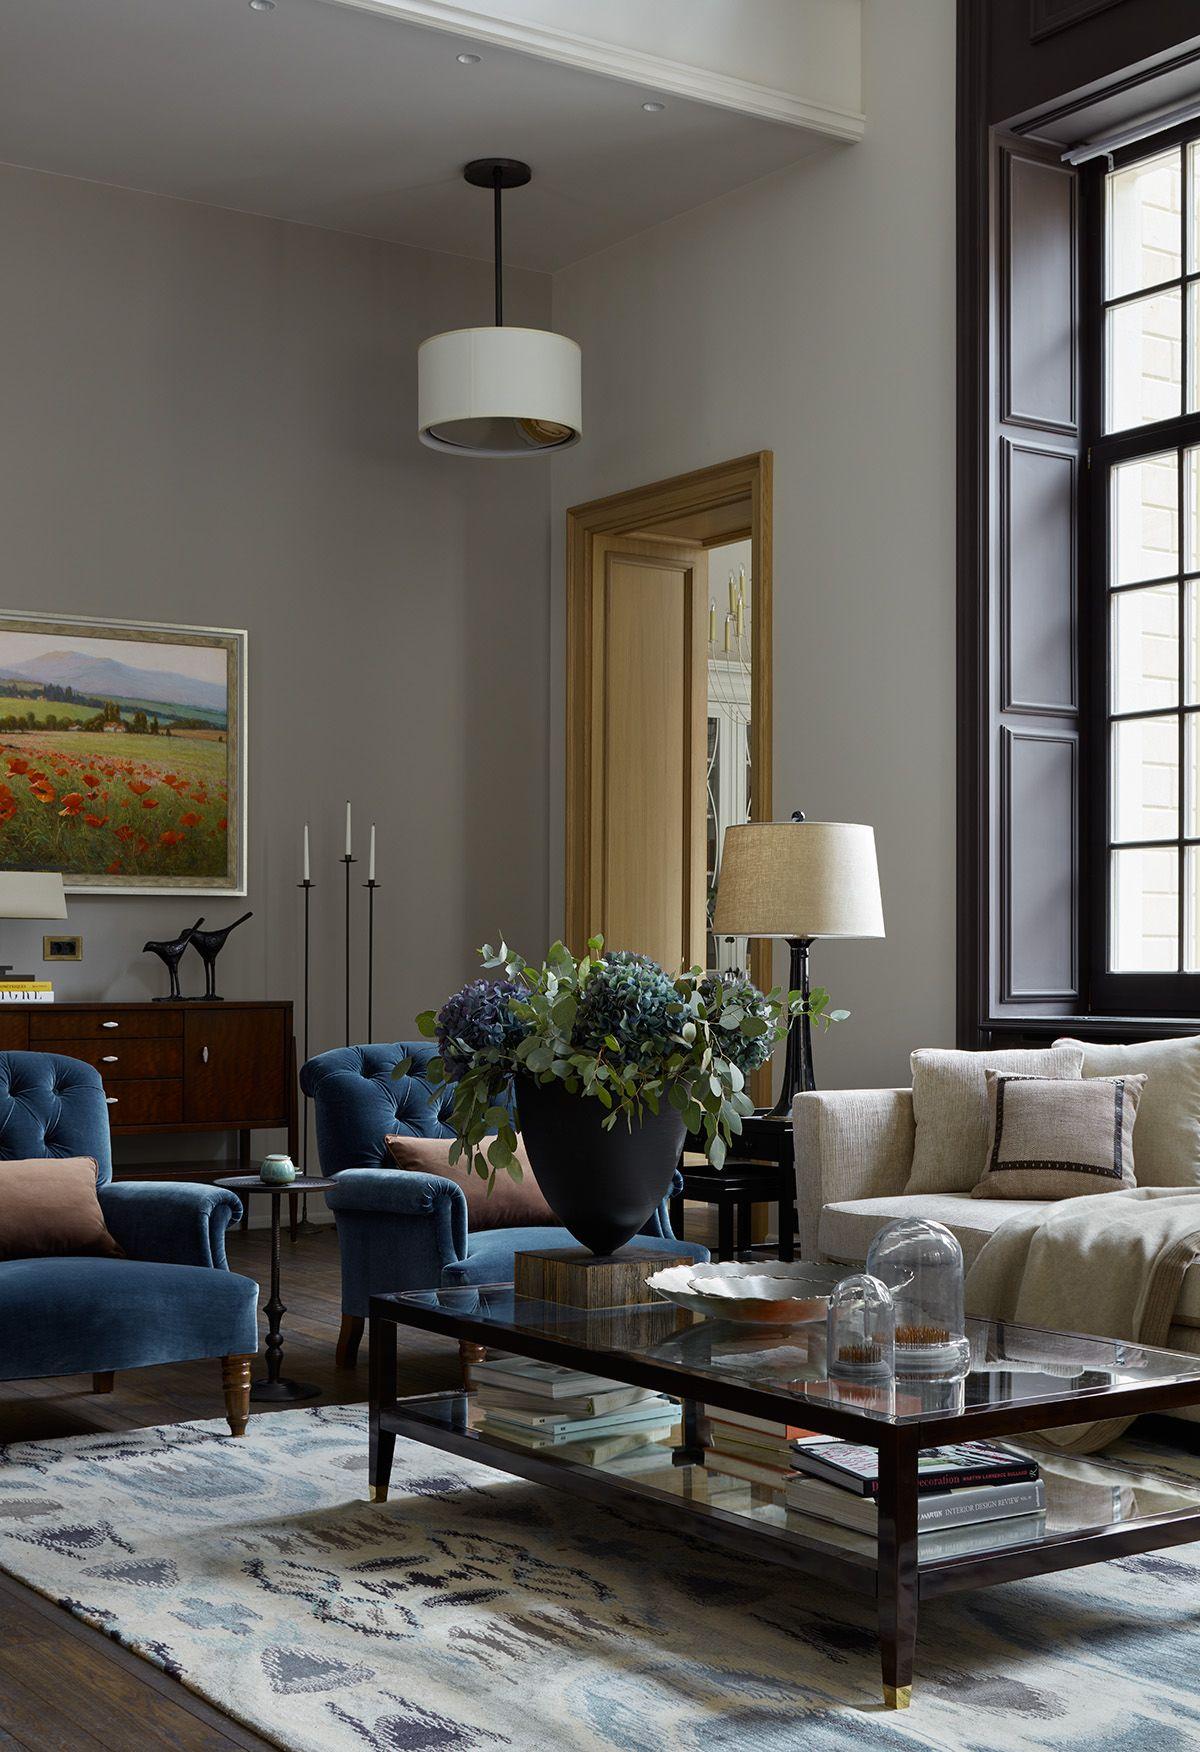 96 Contemporary Living Room Ideas (Photos) | Elegant ...